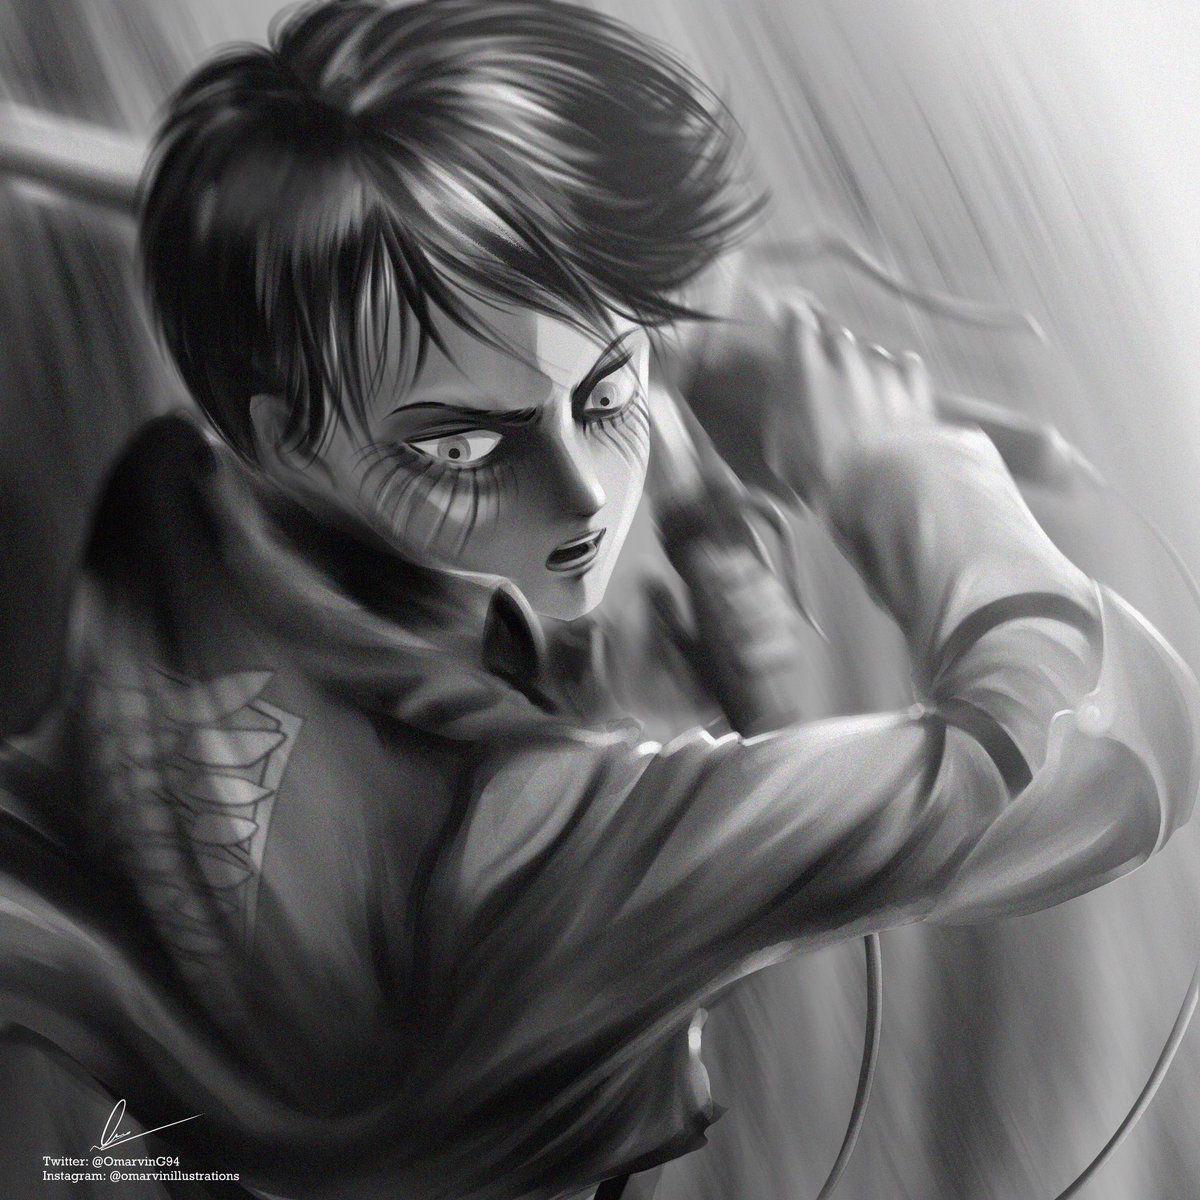 OMARVIN on Twitter | Attack on titan art, Attack on titan ...